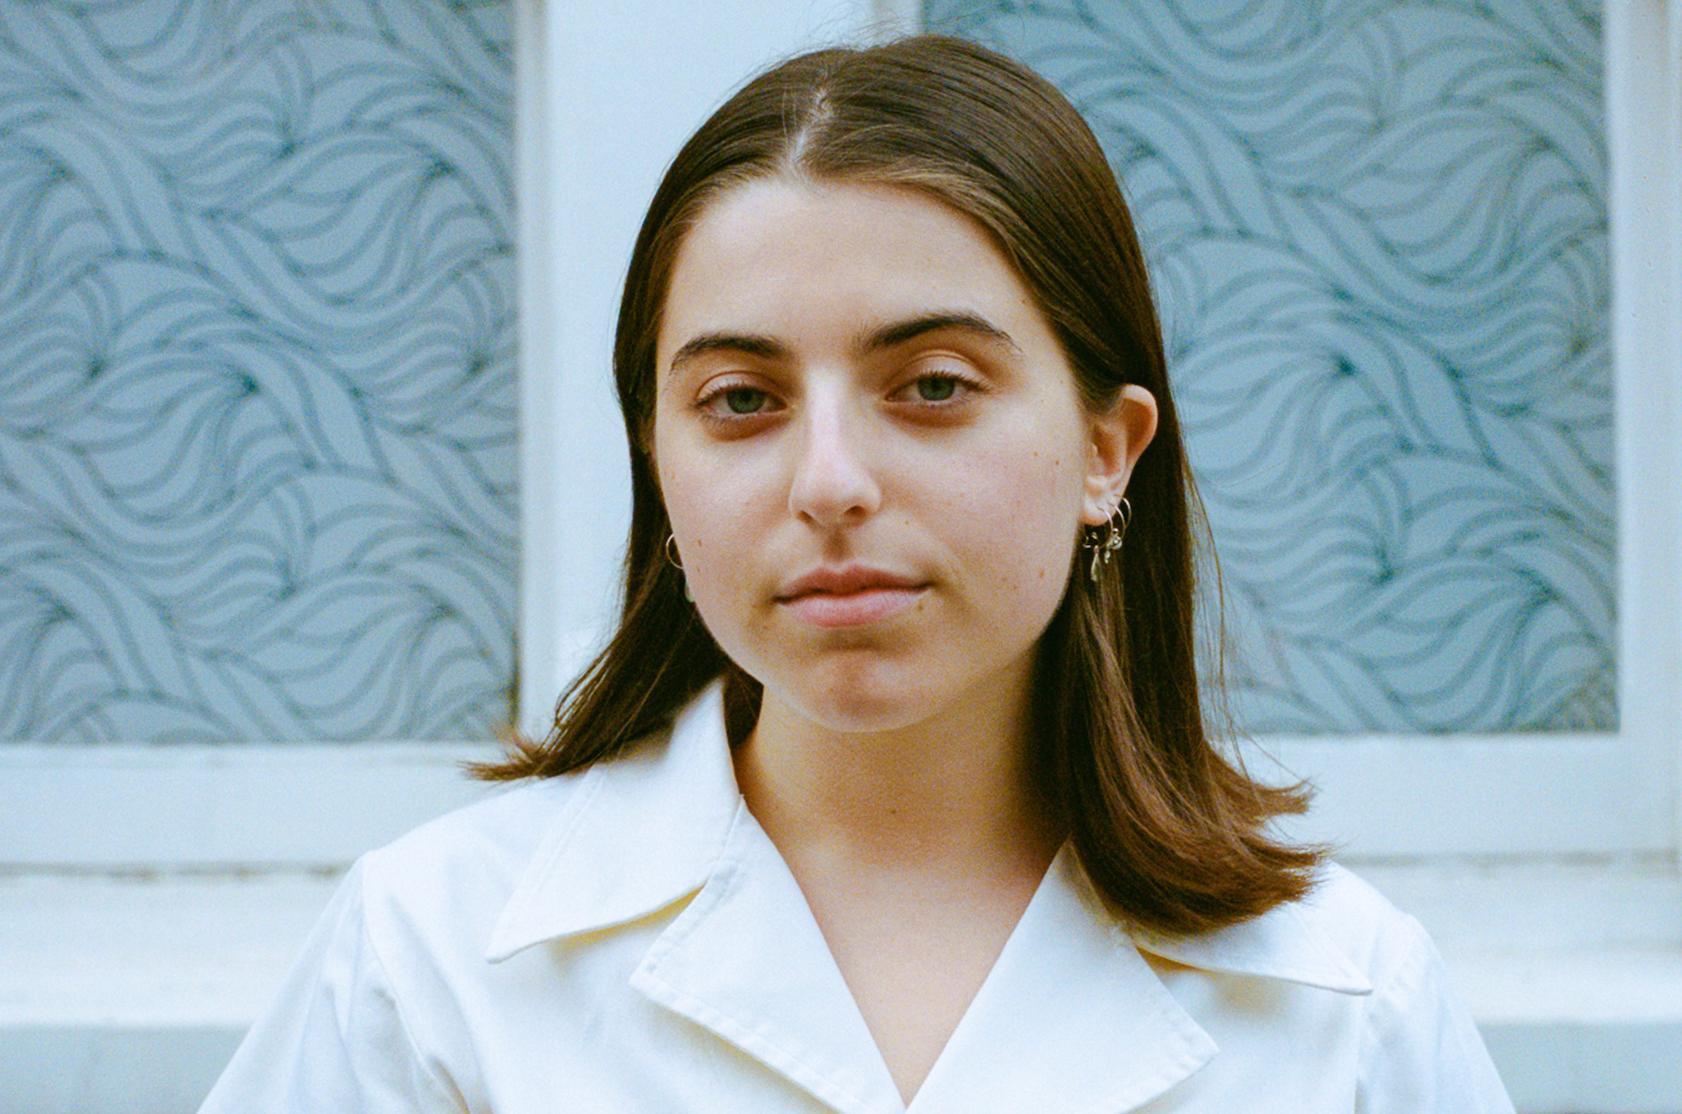 Sofia Wolfson